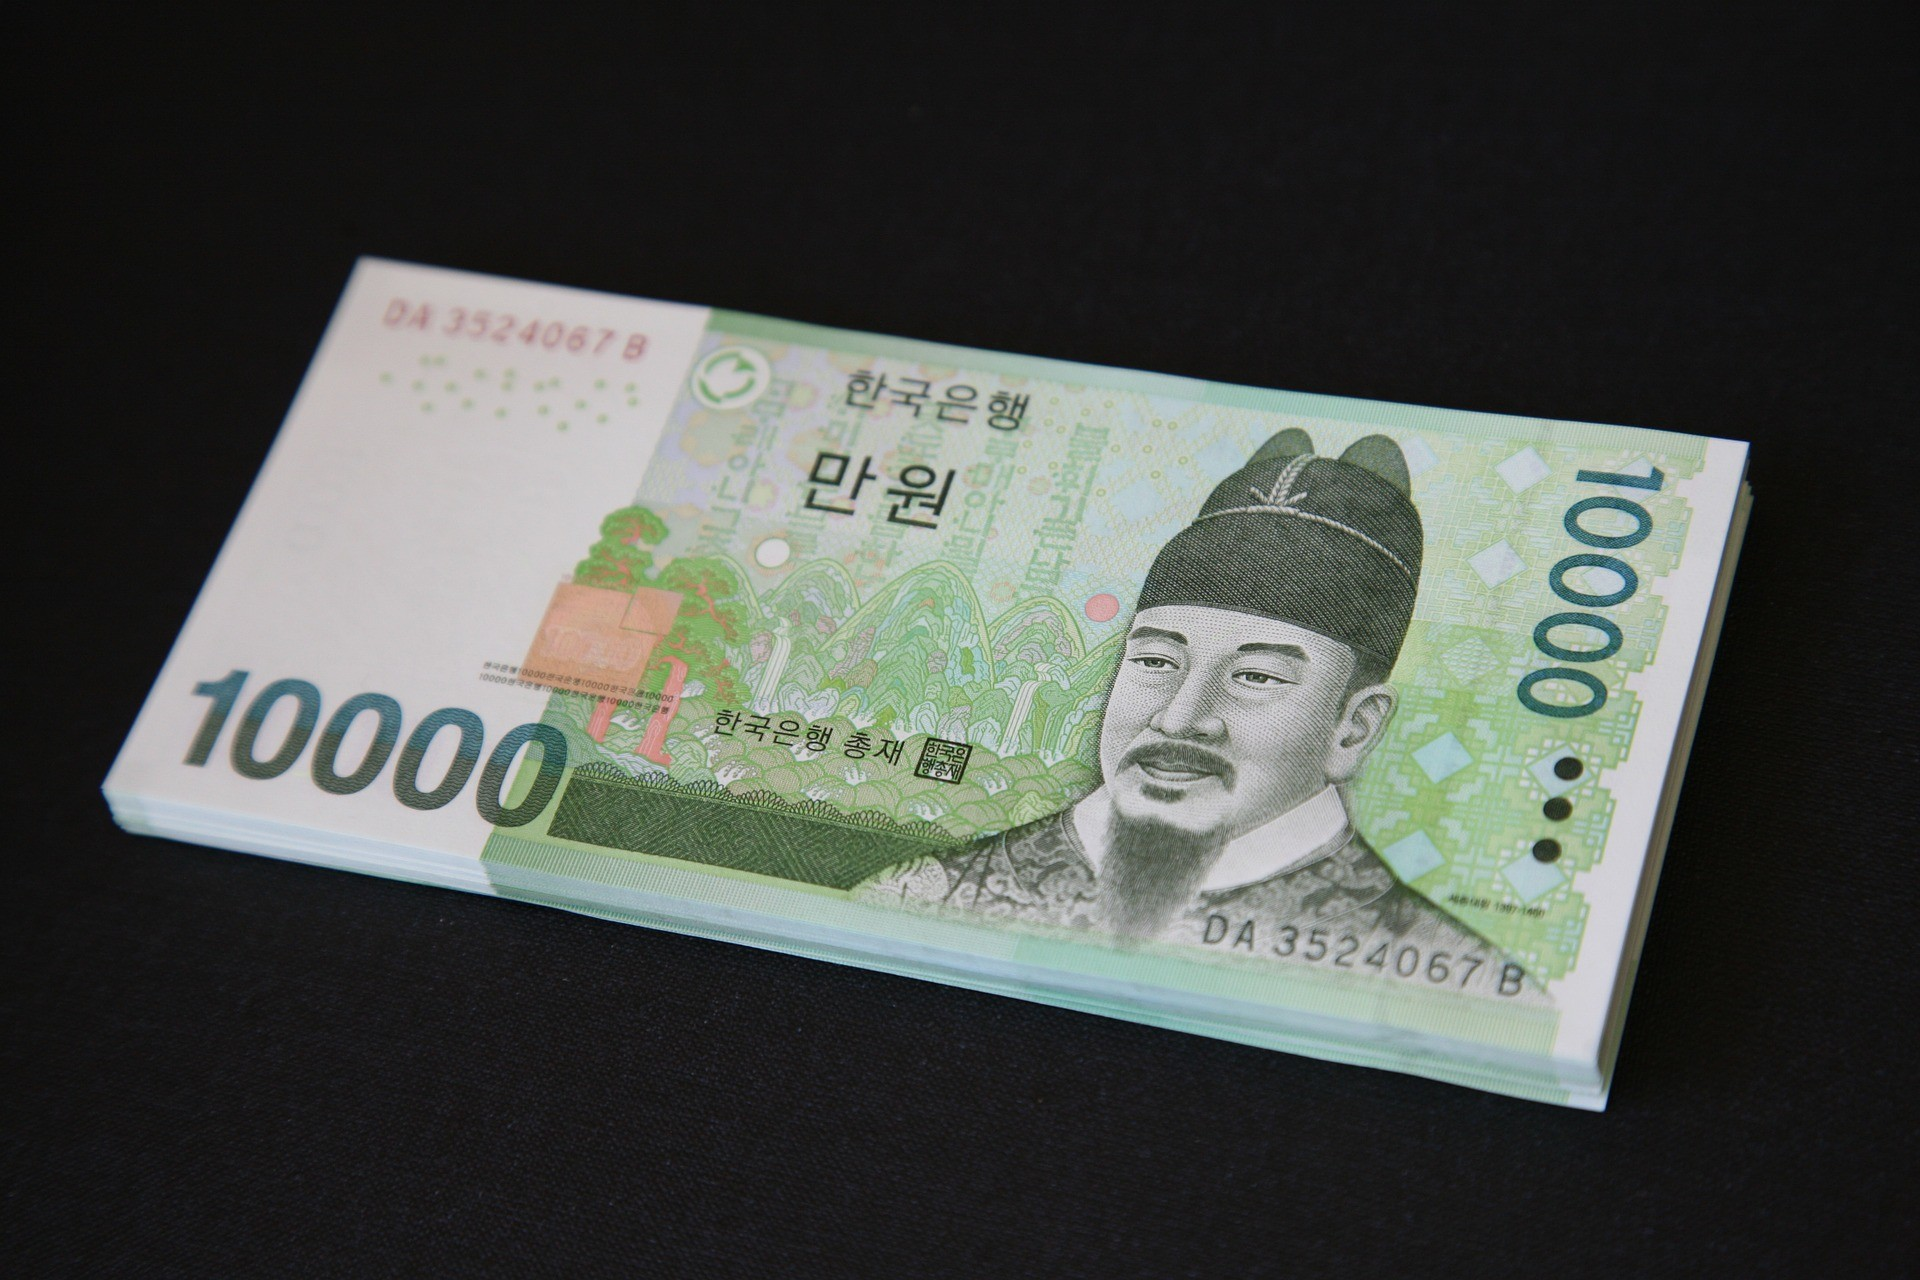 Polícia recolheu 15,8 milhões de won, moeda sul-coreana  (Foto: Pixabay/ Manseok/ Creative Commons )